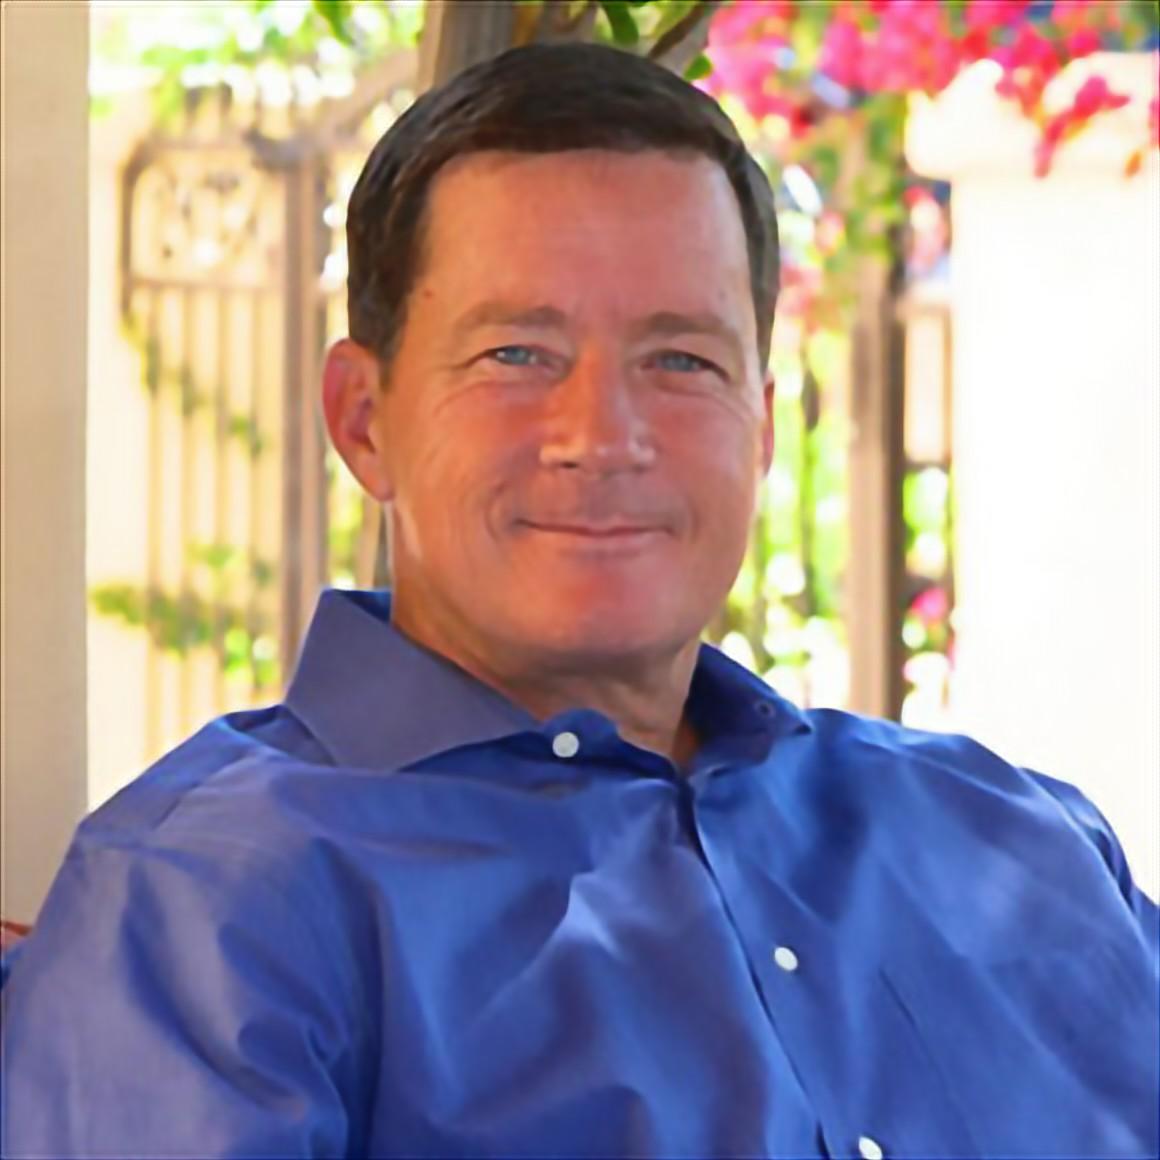 Rick Karber